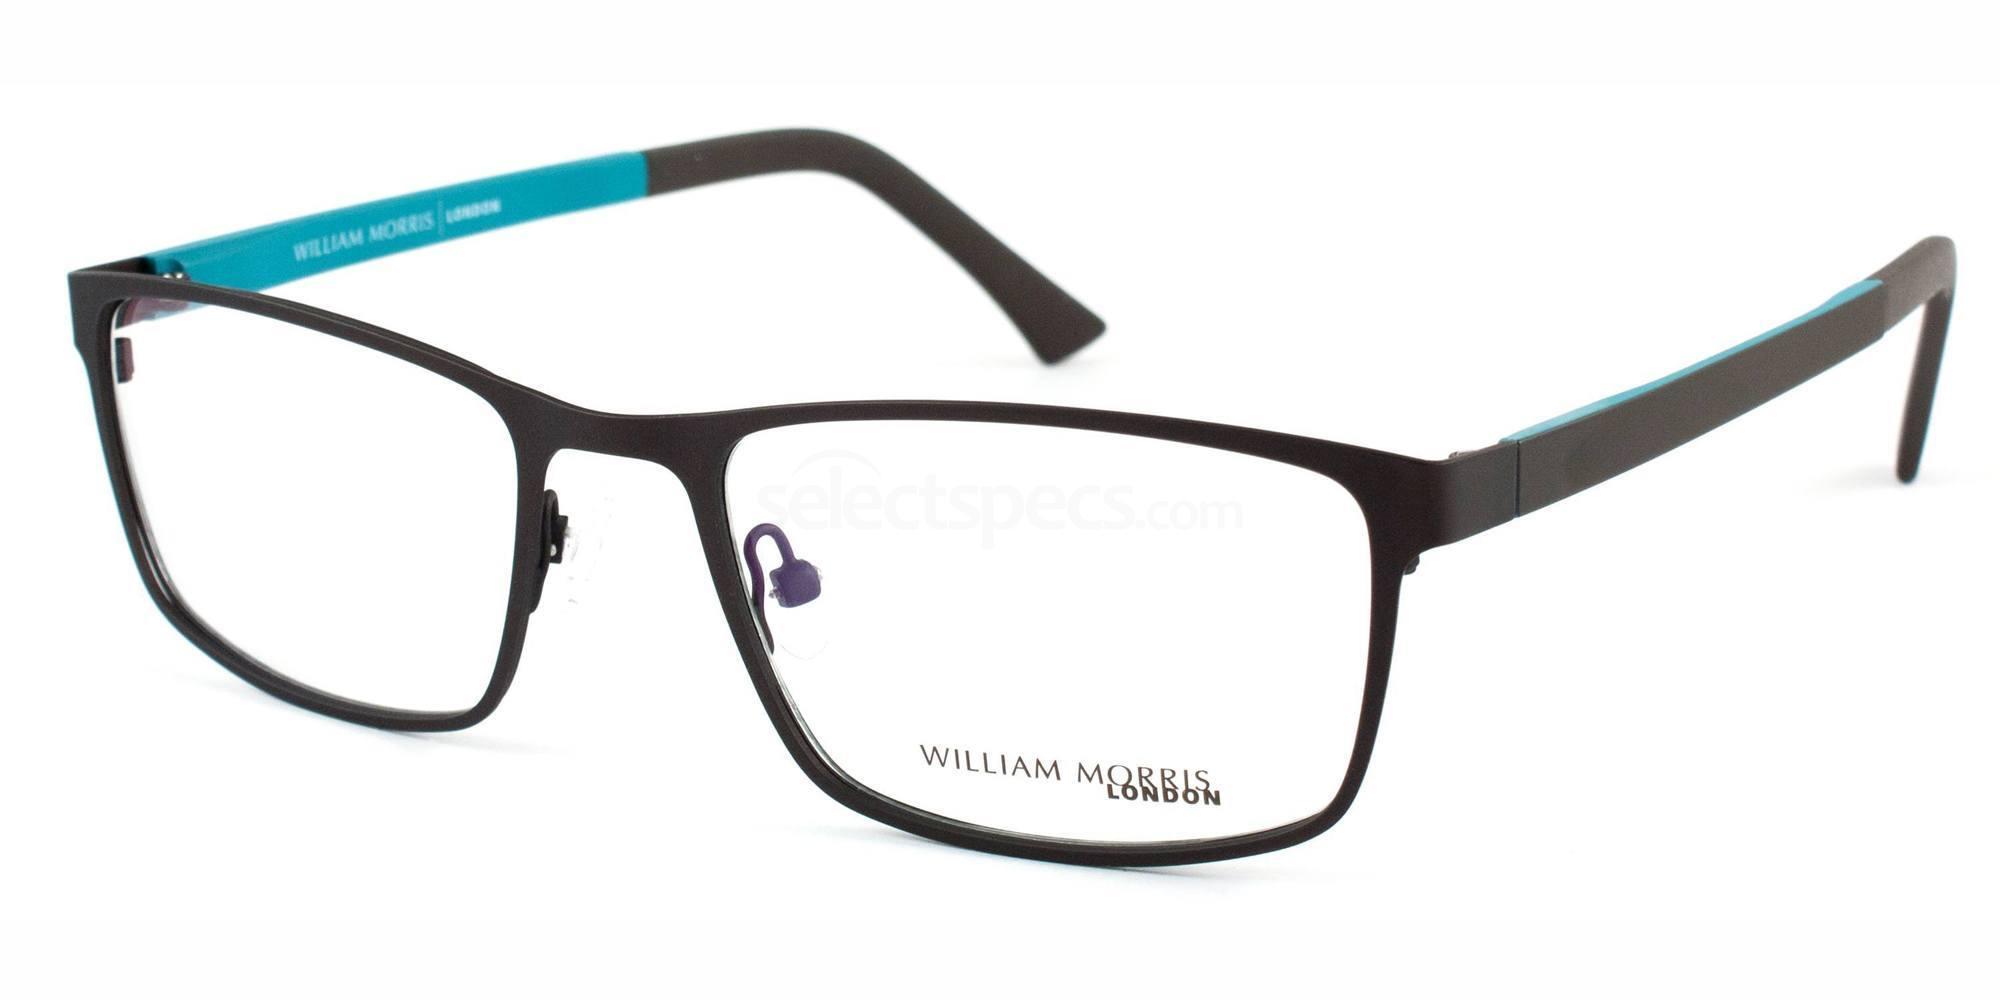 C1 WL1011 Glasses, William Morris London